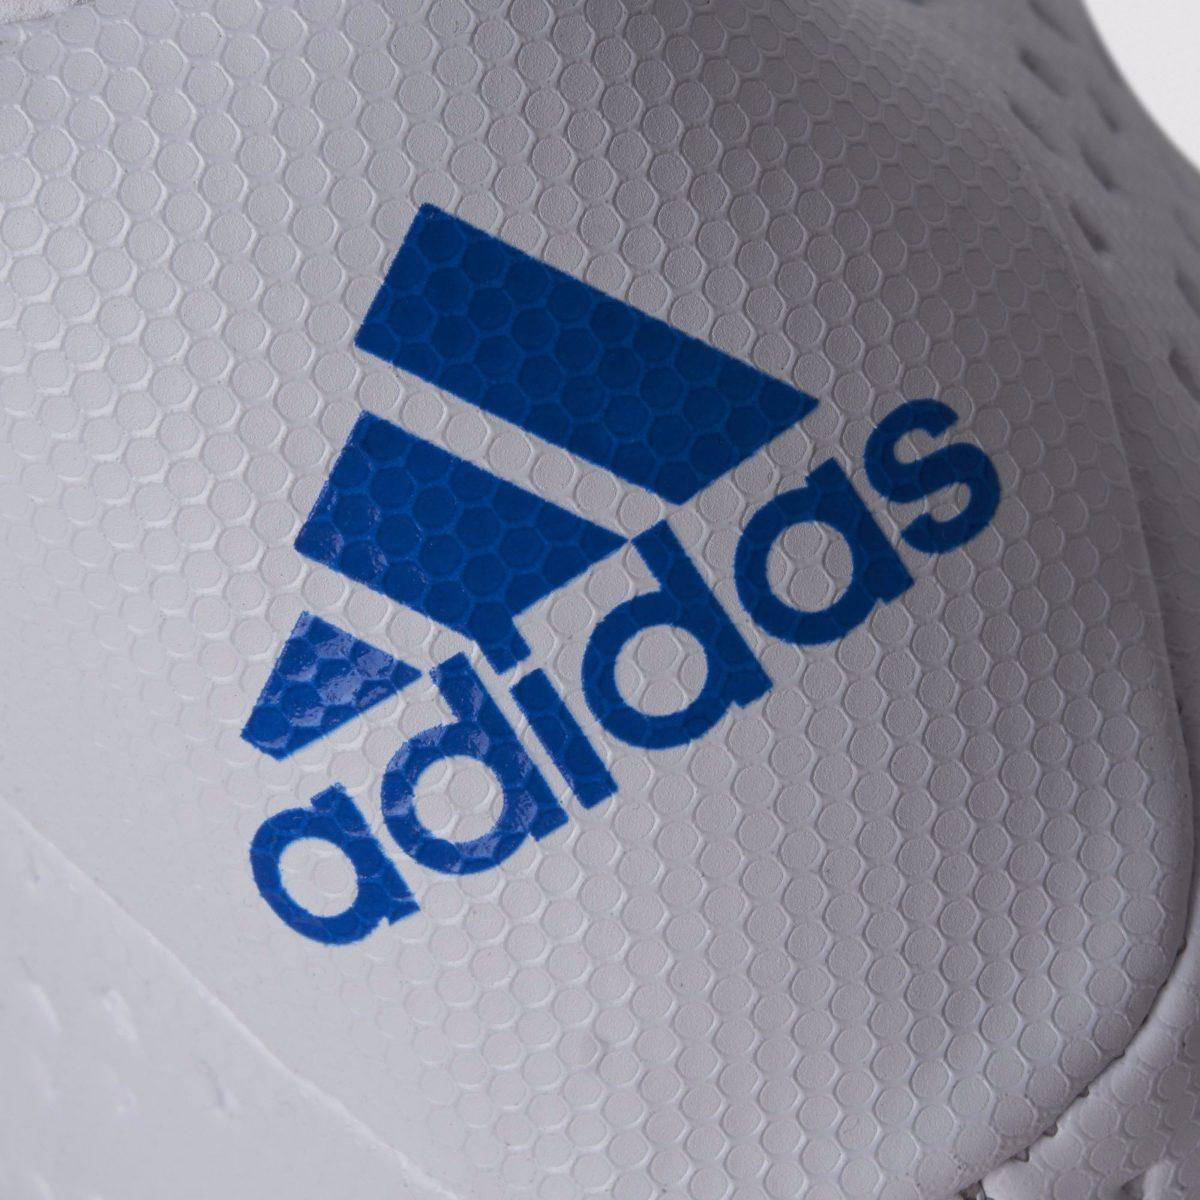 2c861764d4a36 botines adidas ace 16.4 fxg suelo firme blanco c verde. Cargando zoom.